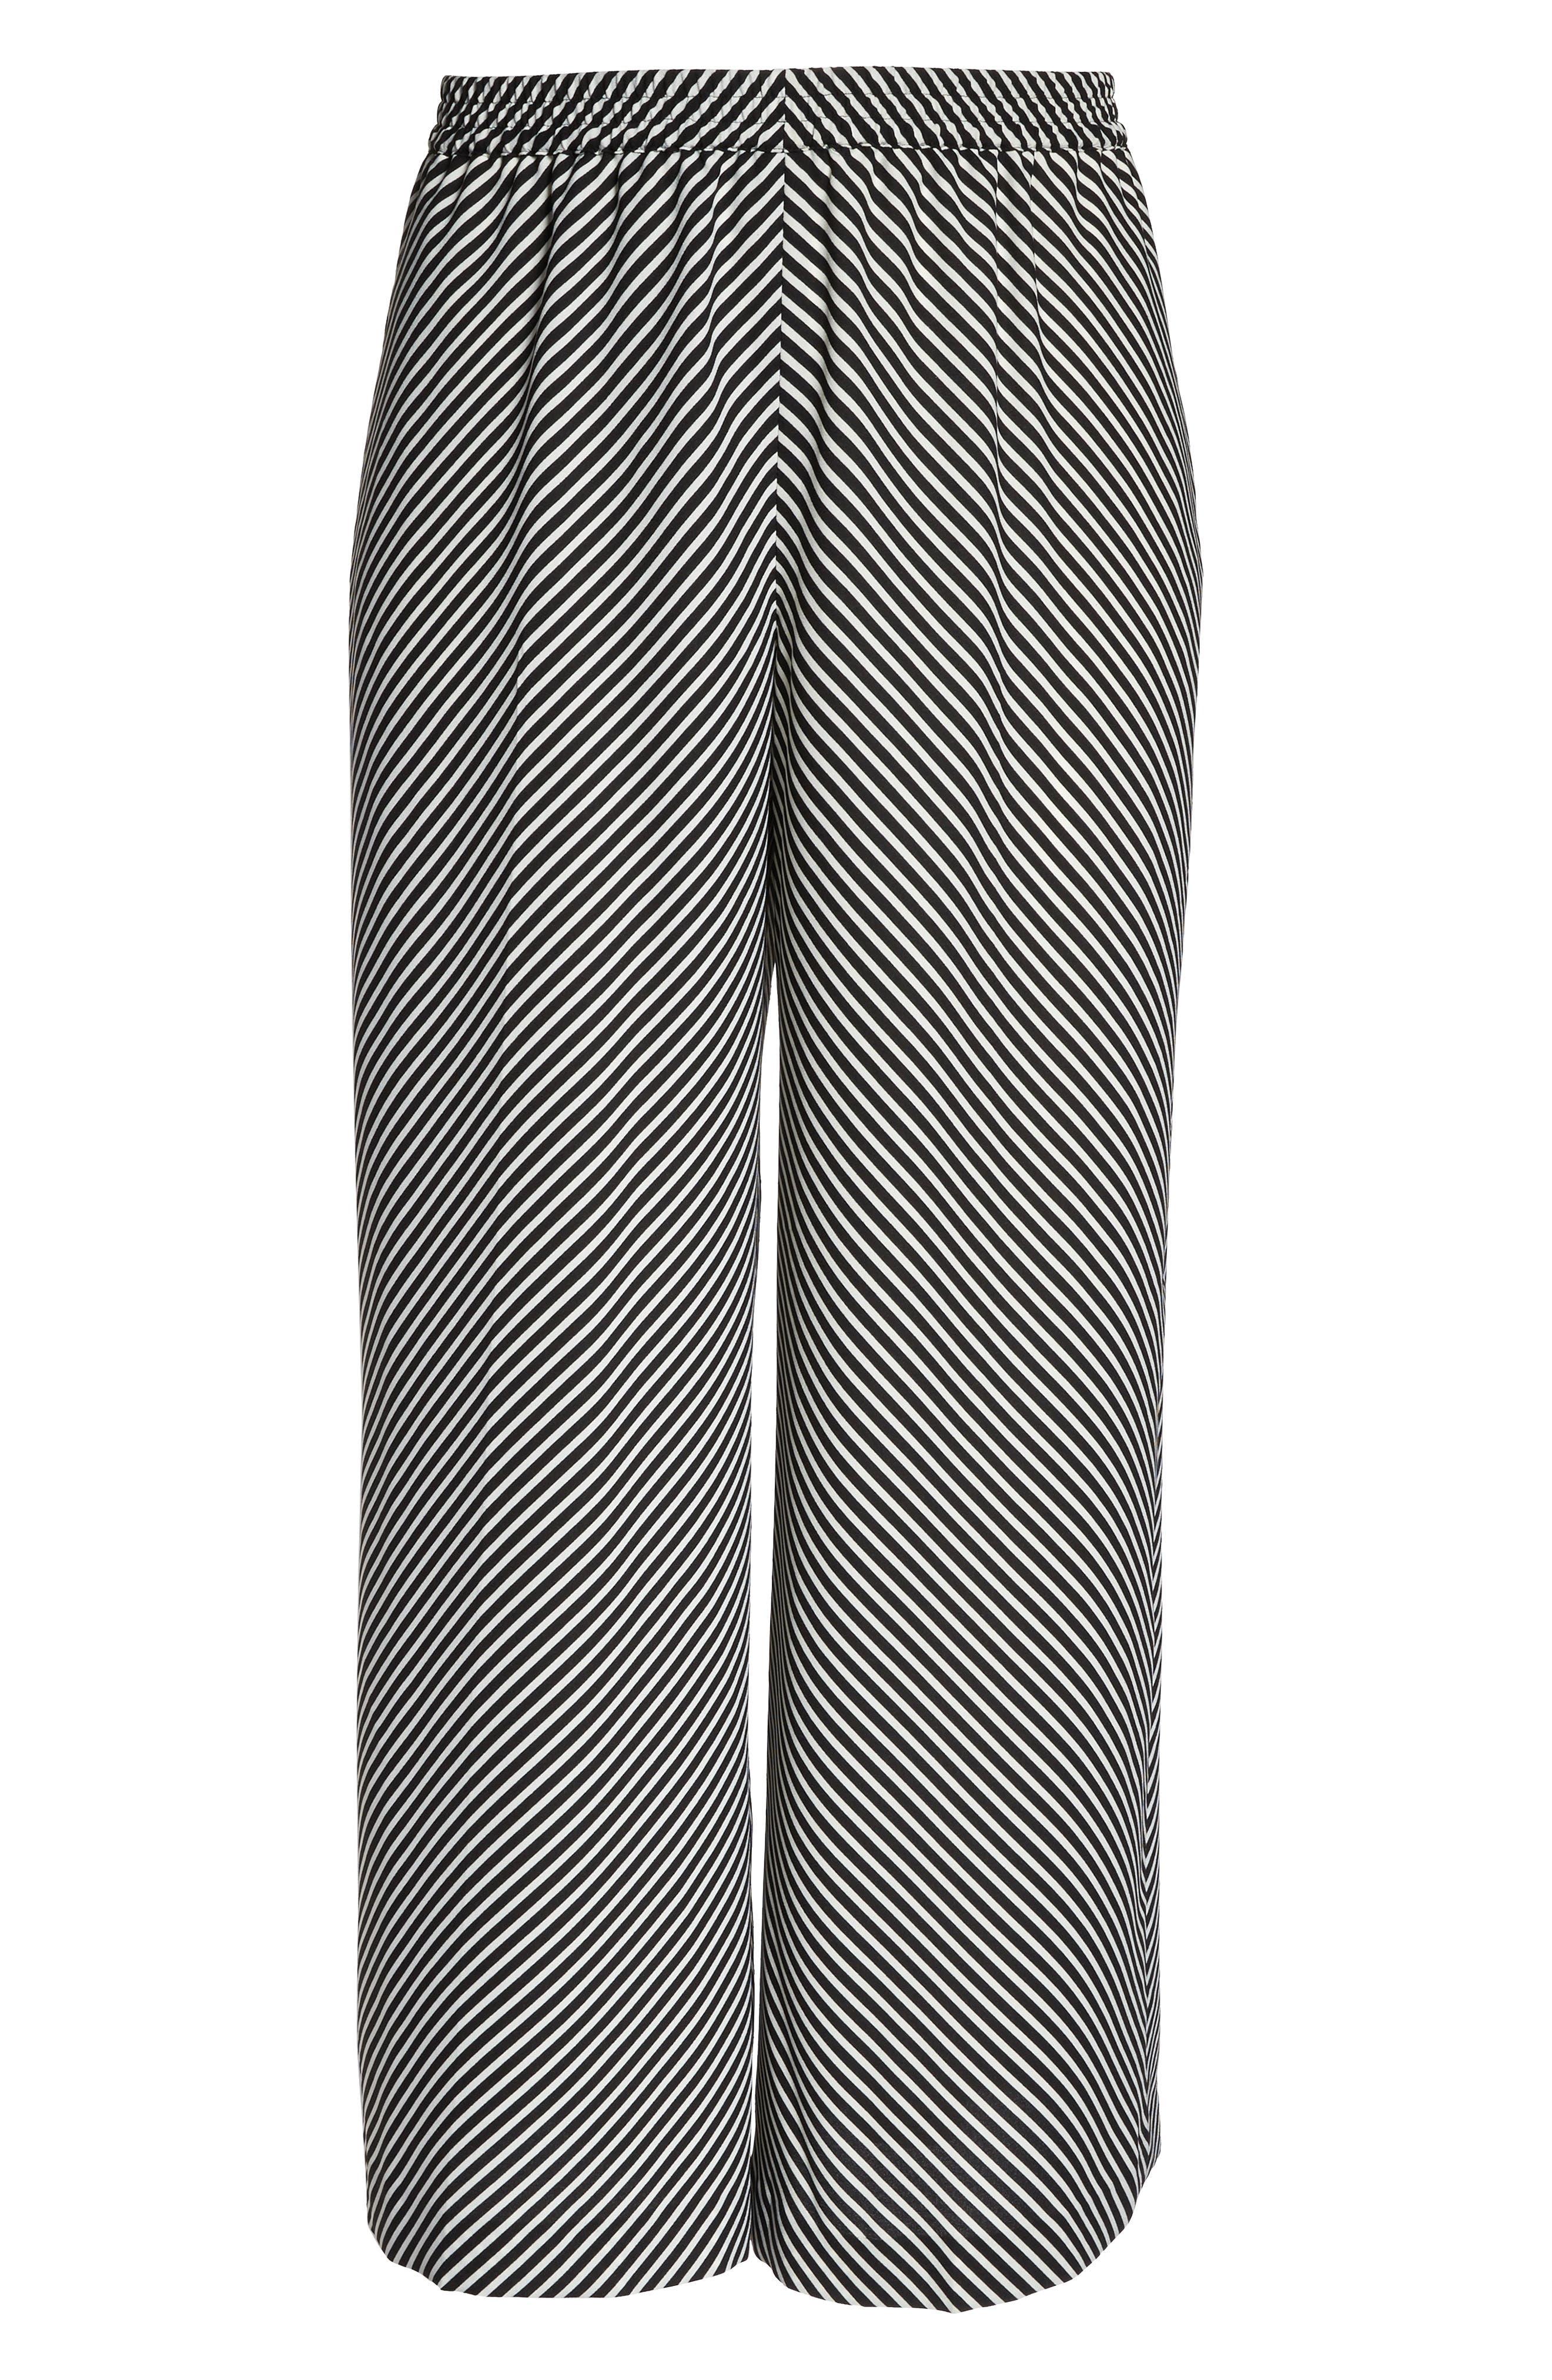 Diagonal Stripe Wide Leg Pants,                             Alternate thumbnail 7, color,                             006